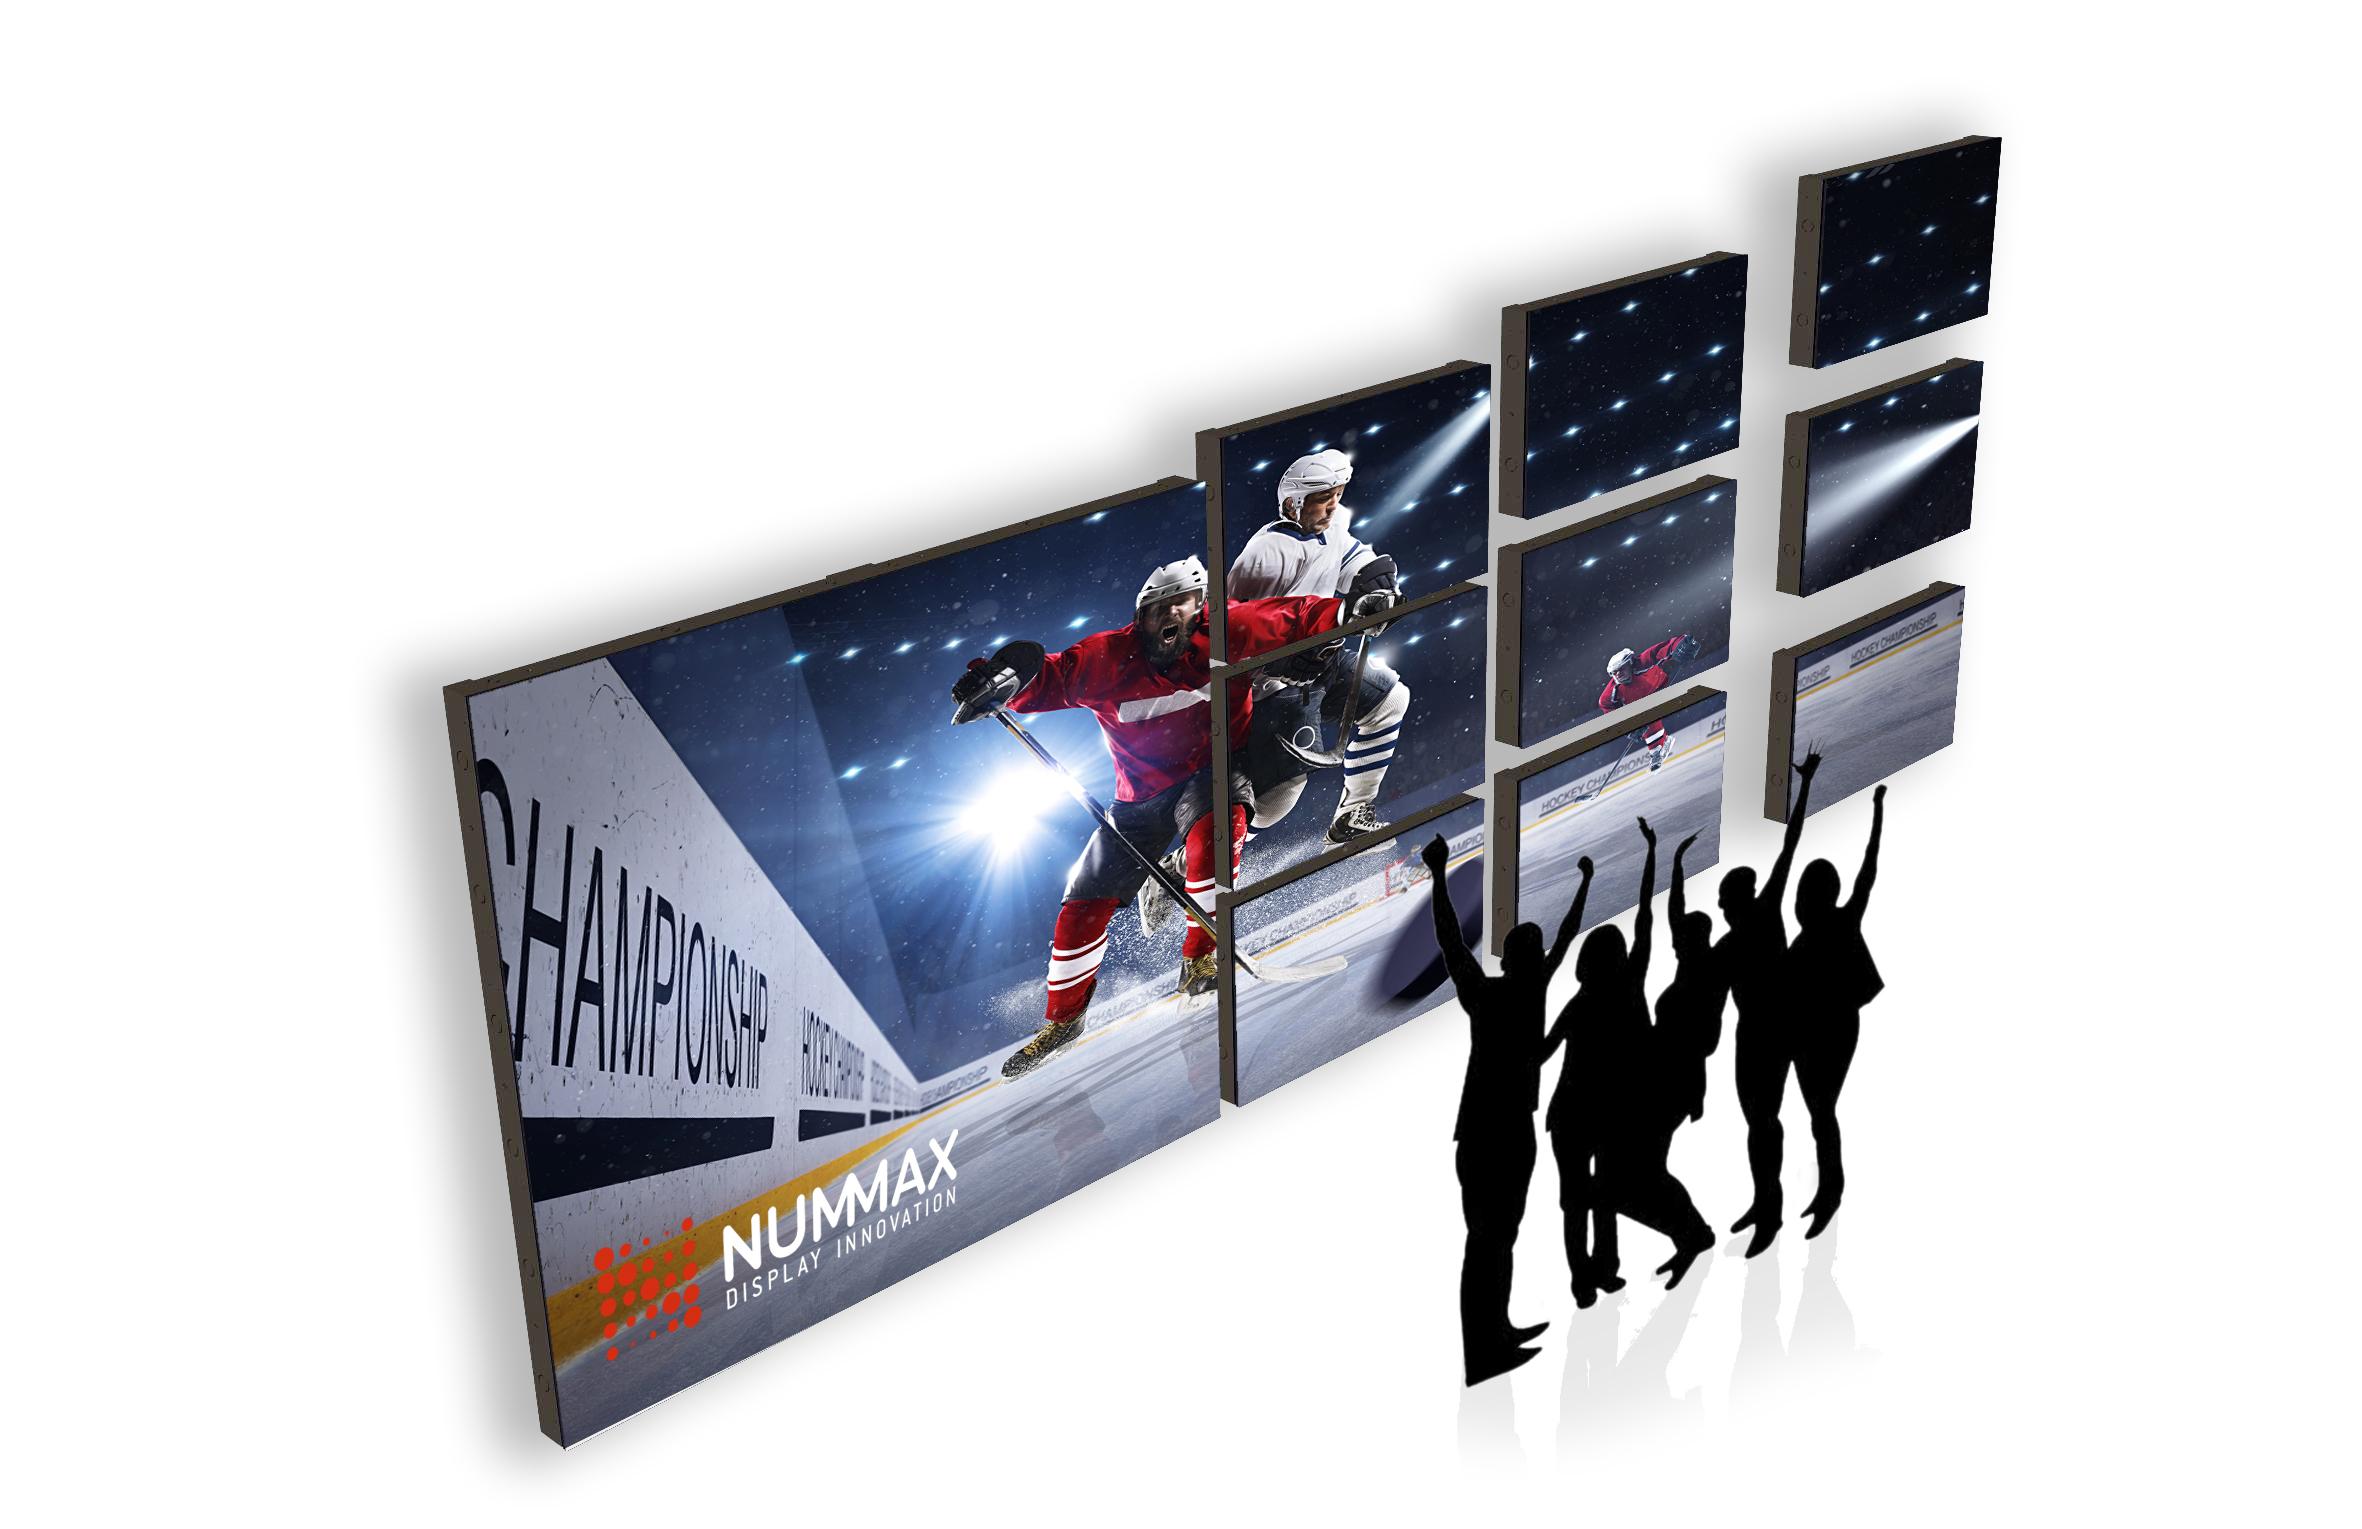 Nummax Video Wall